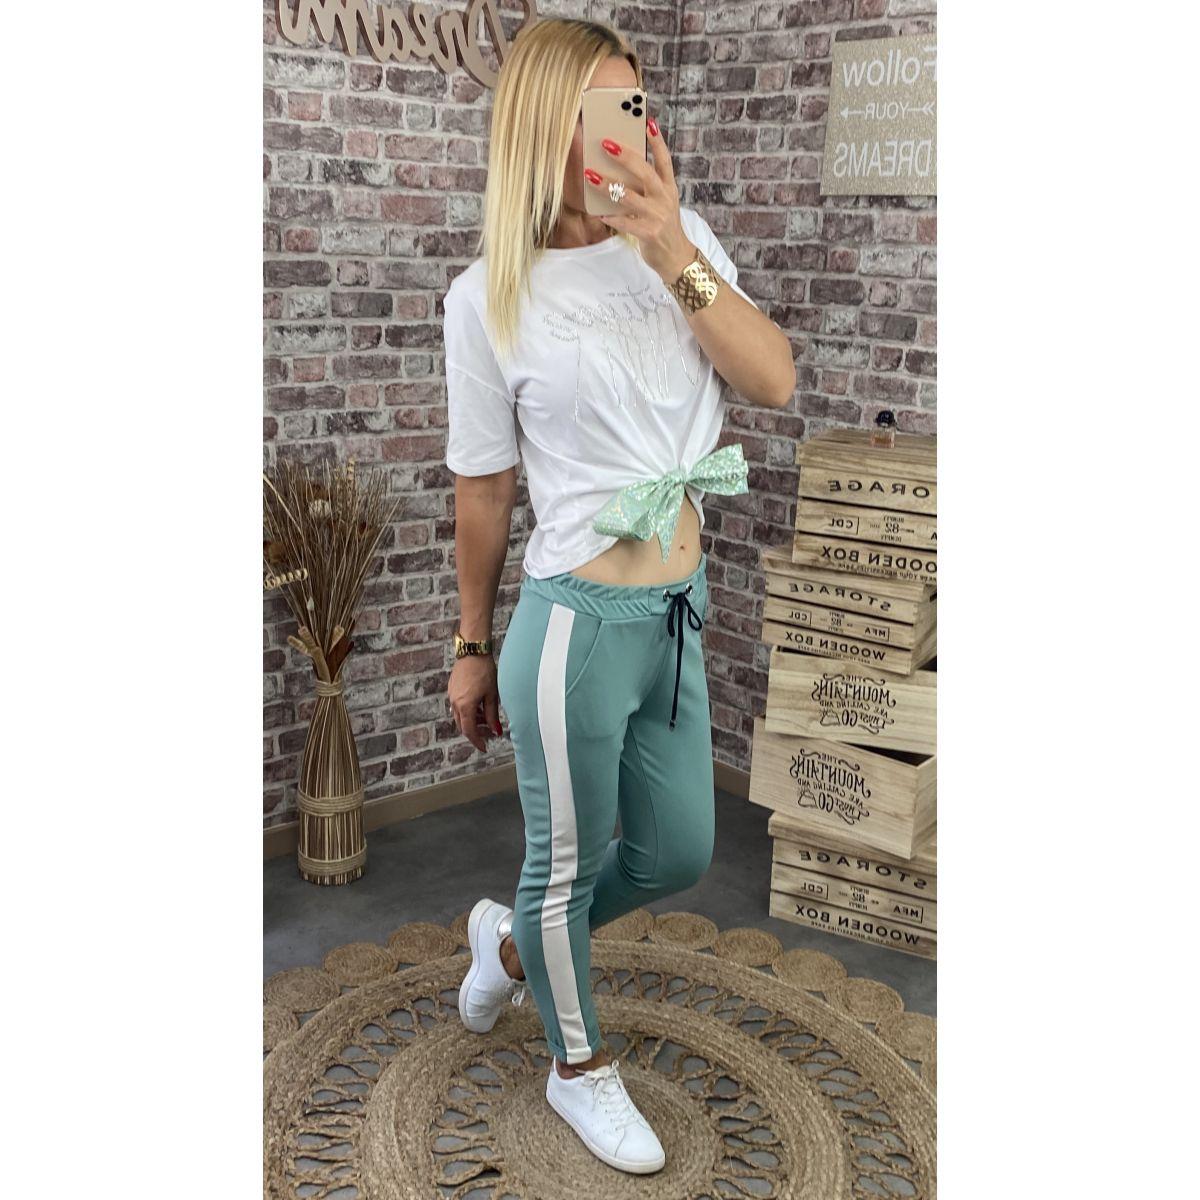 Pantalon style jogging vert d'eau et bande blanche